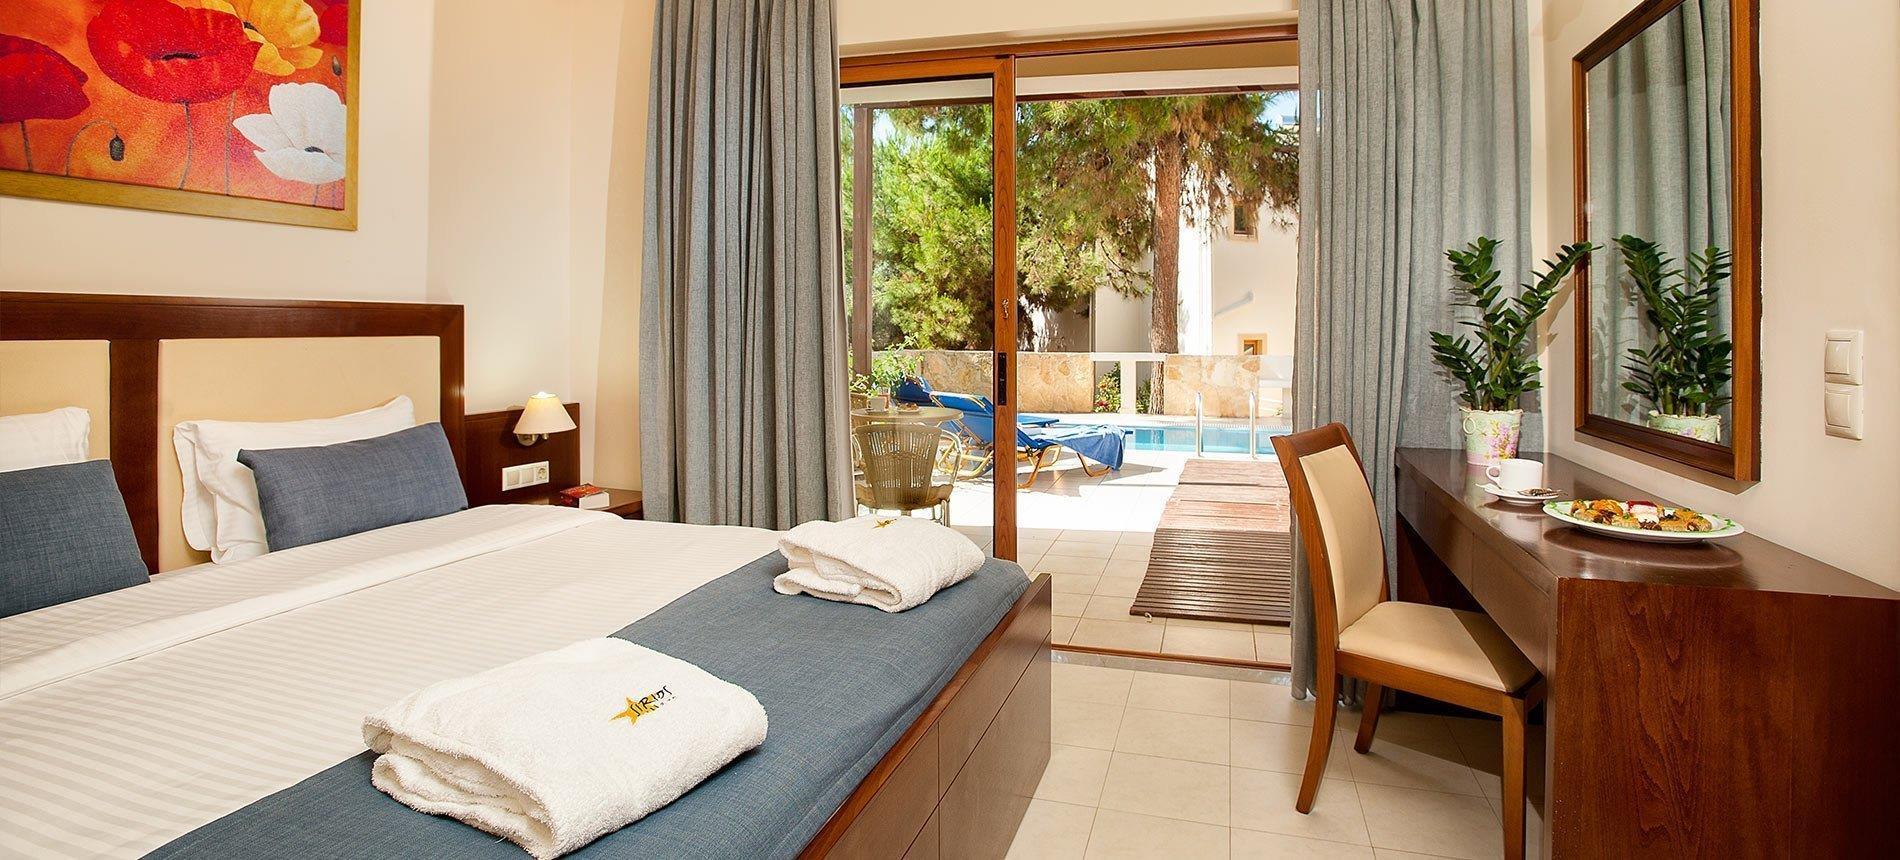 sirios-village-luxury-hotel-bungalows-genel-006